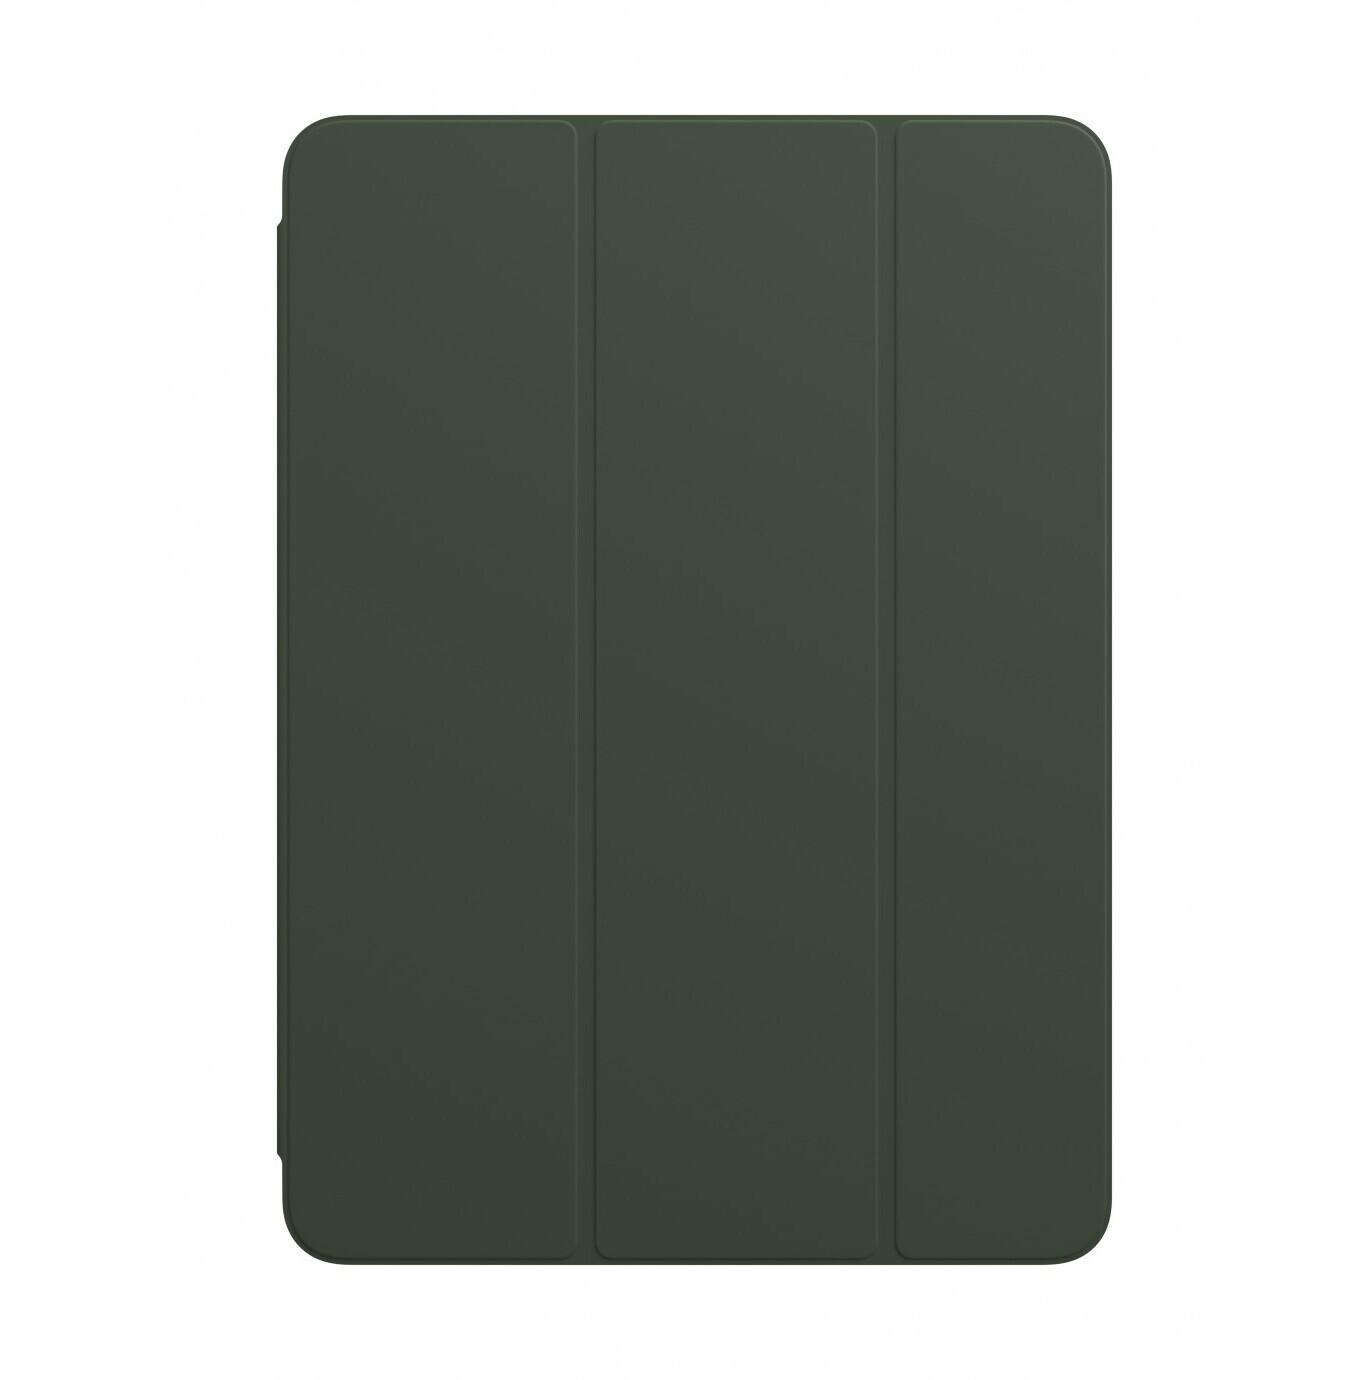 Apple Smart Folio für iPad Air (4. Generation) - Zyperngrün